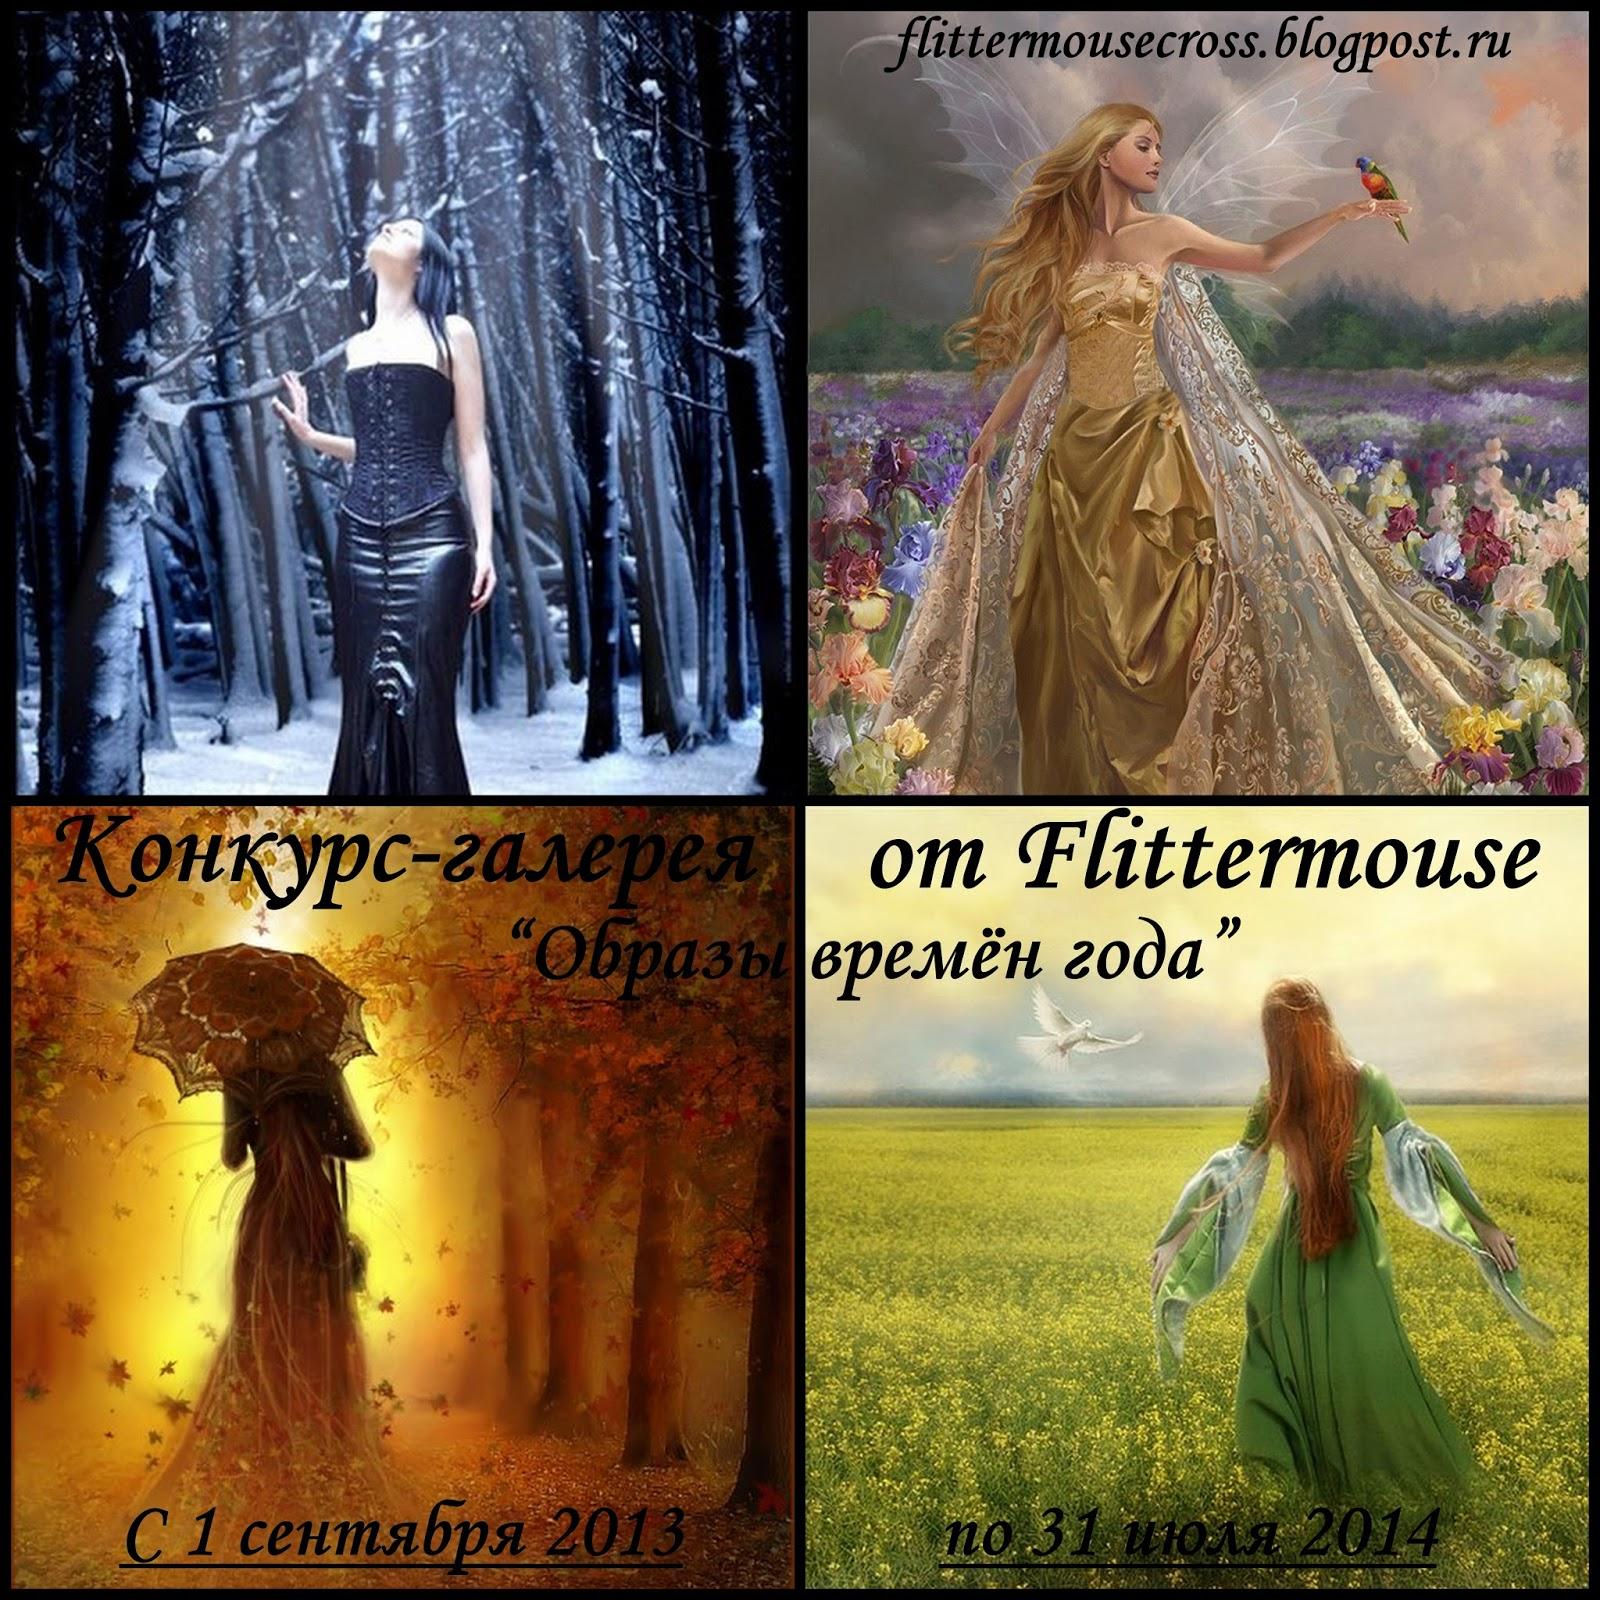 Образы времён года